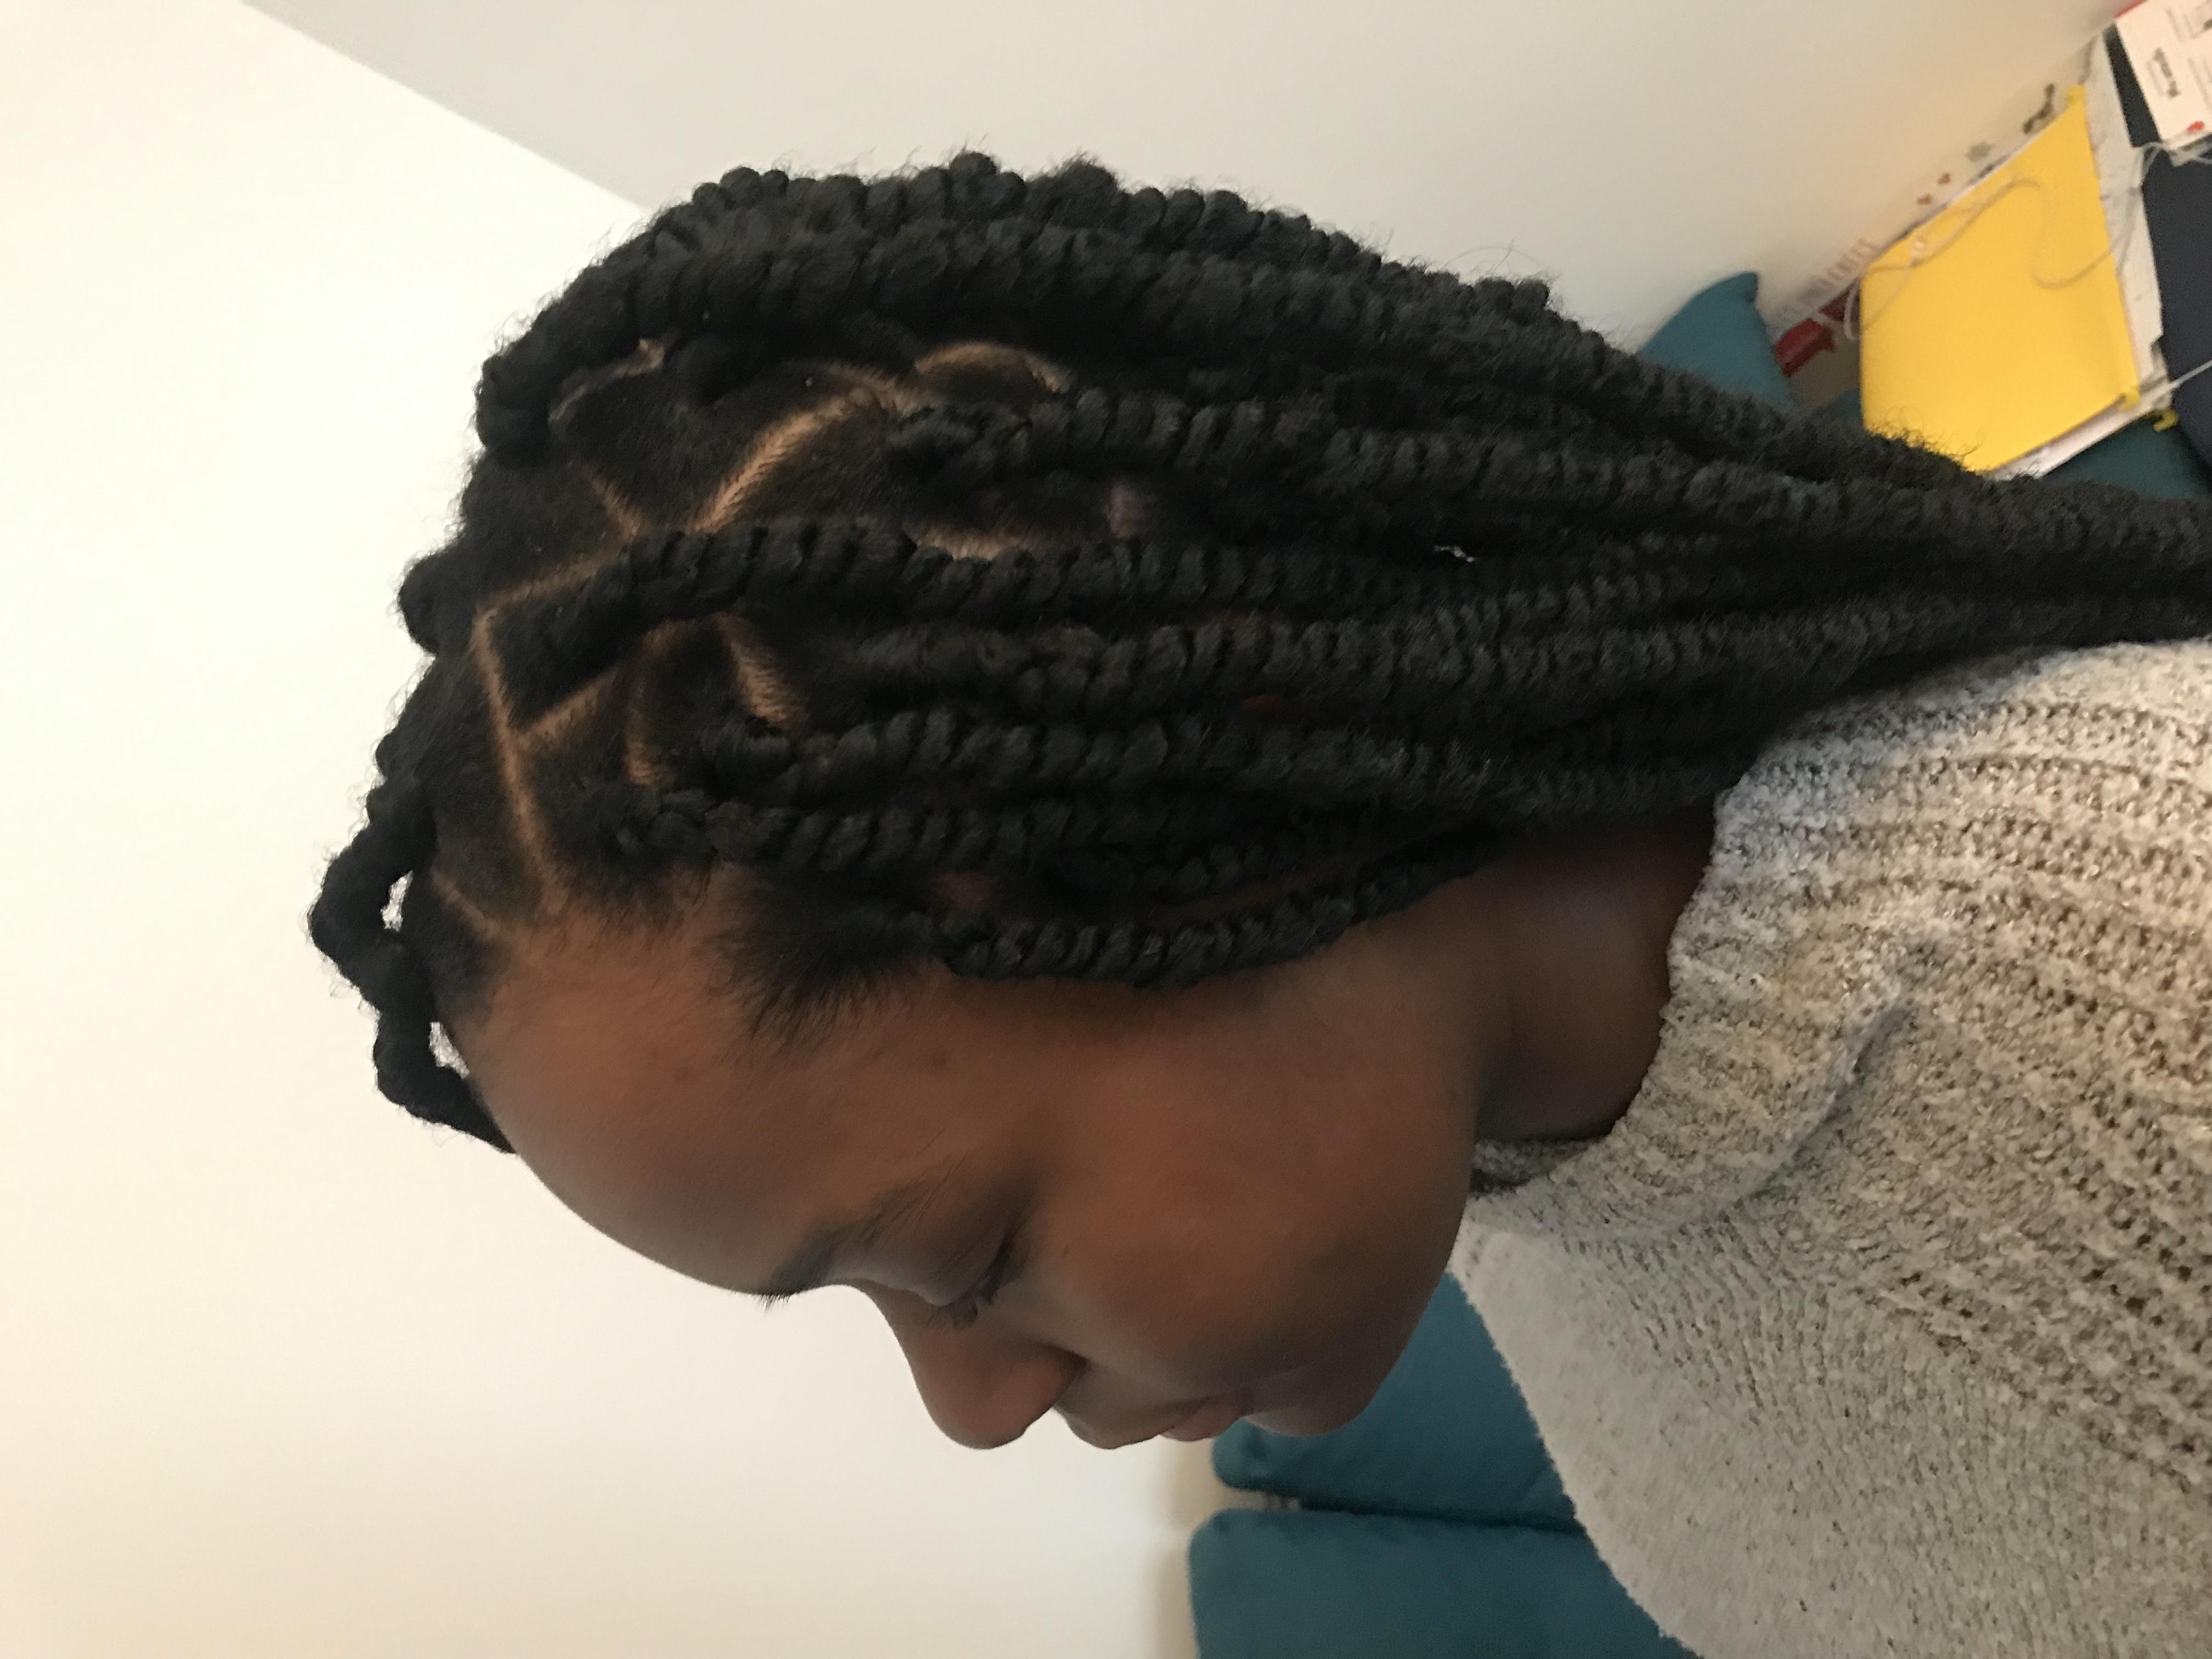 salon de coiffure afro tresse tresses box braids crochet braids vanilles tissages paris 75 77 78 91 92 93 94 95 VOUJTOVV